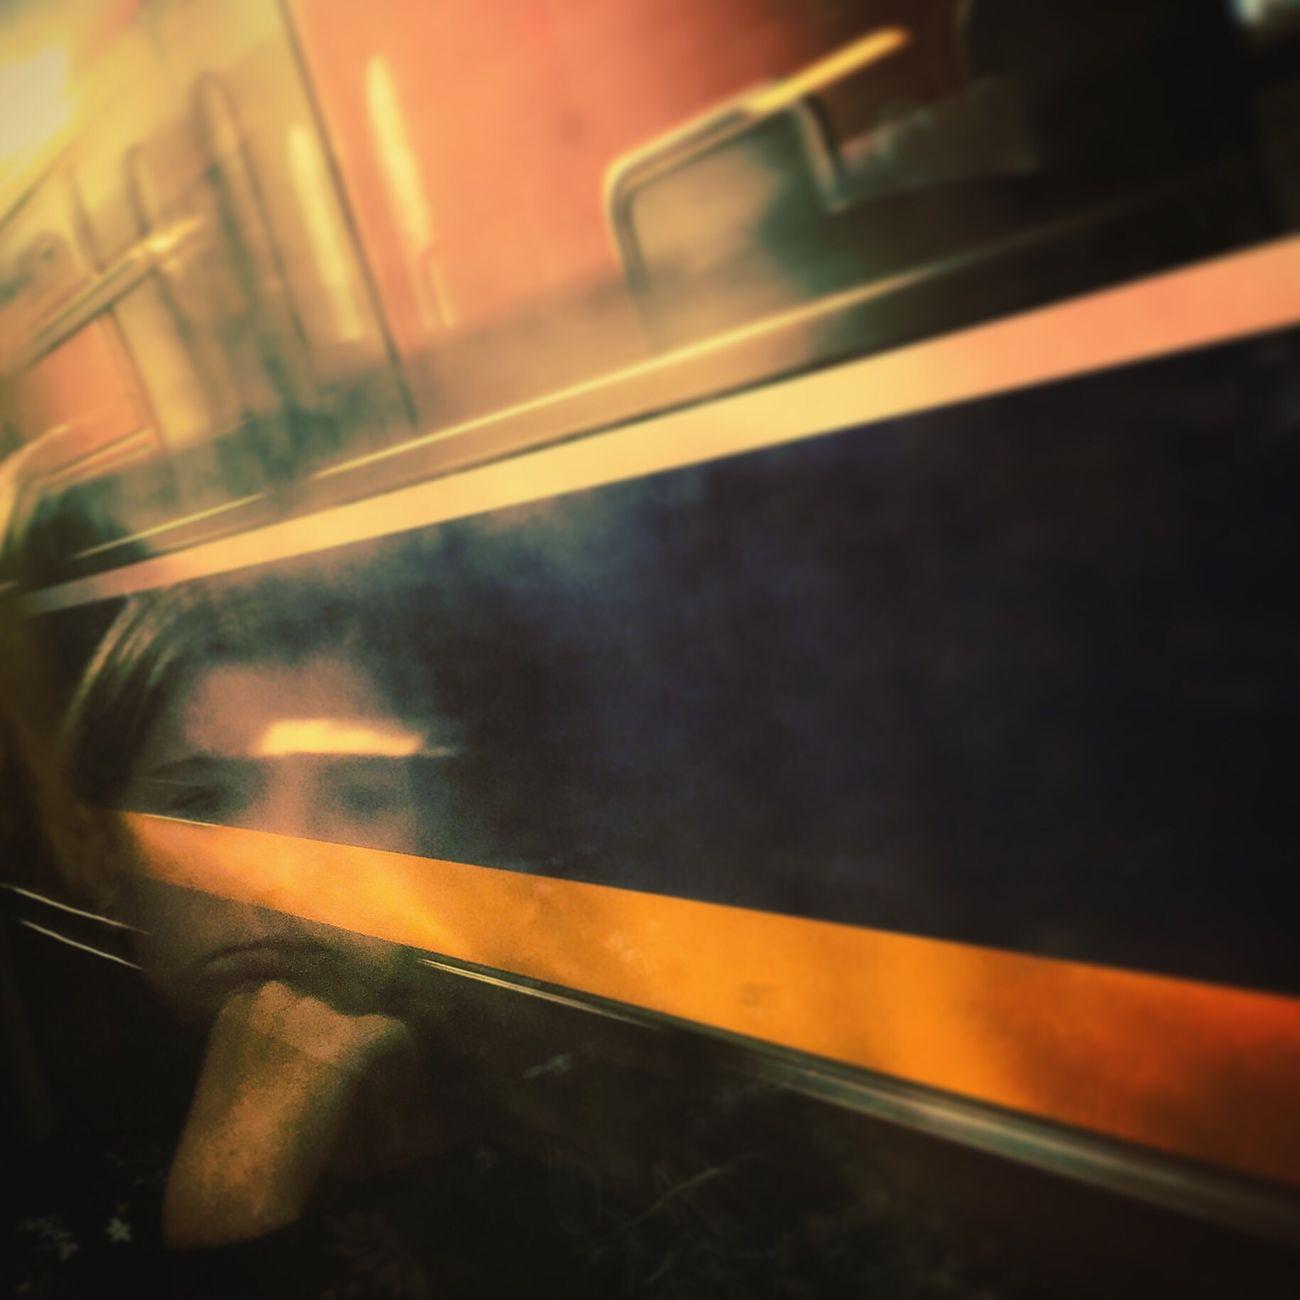 meine Tochter Gedankenverloren auf dem Weg nach Hause. One Person Transportation Close-up Real People Lovely Tochter Gedanken * Gedankenverloren <3 Reisen Moody Moodygrams Art, Drawing, Creativity First Eyeem Photo